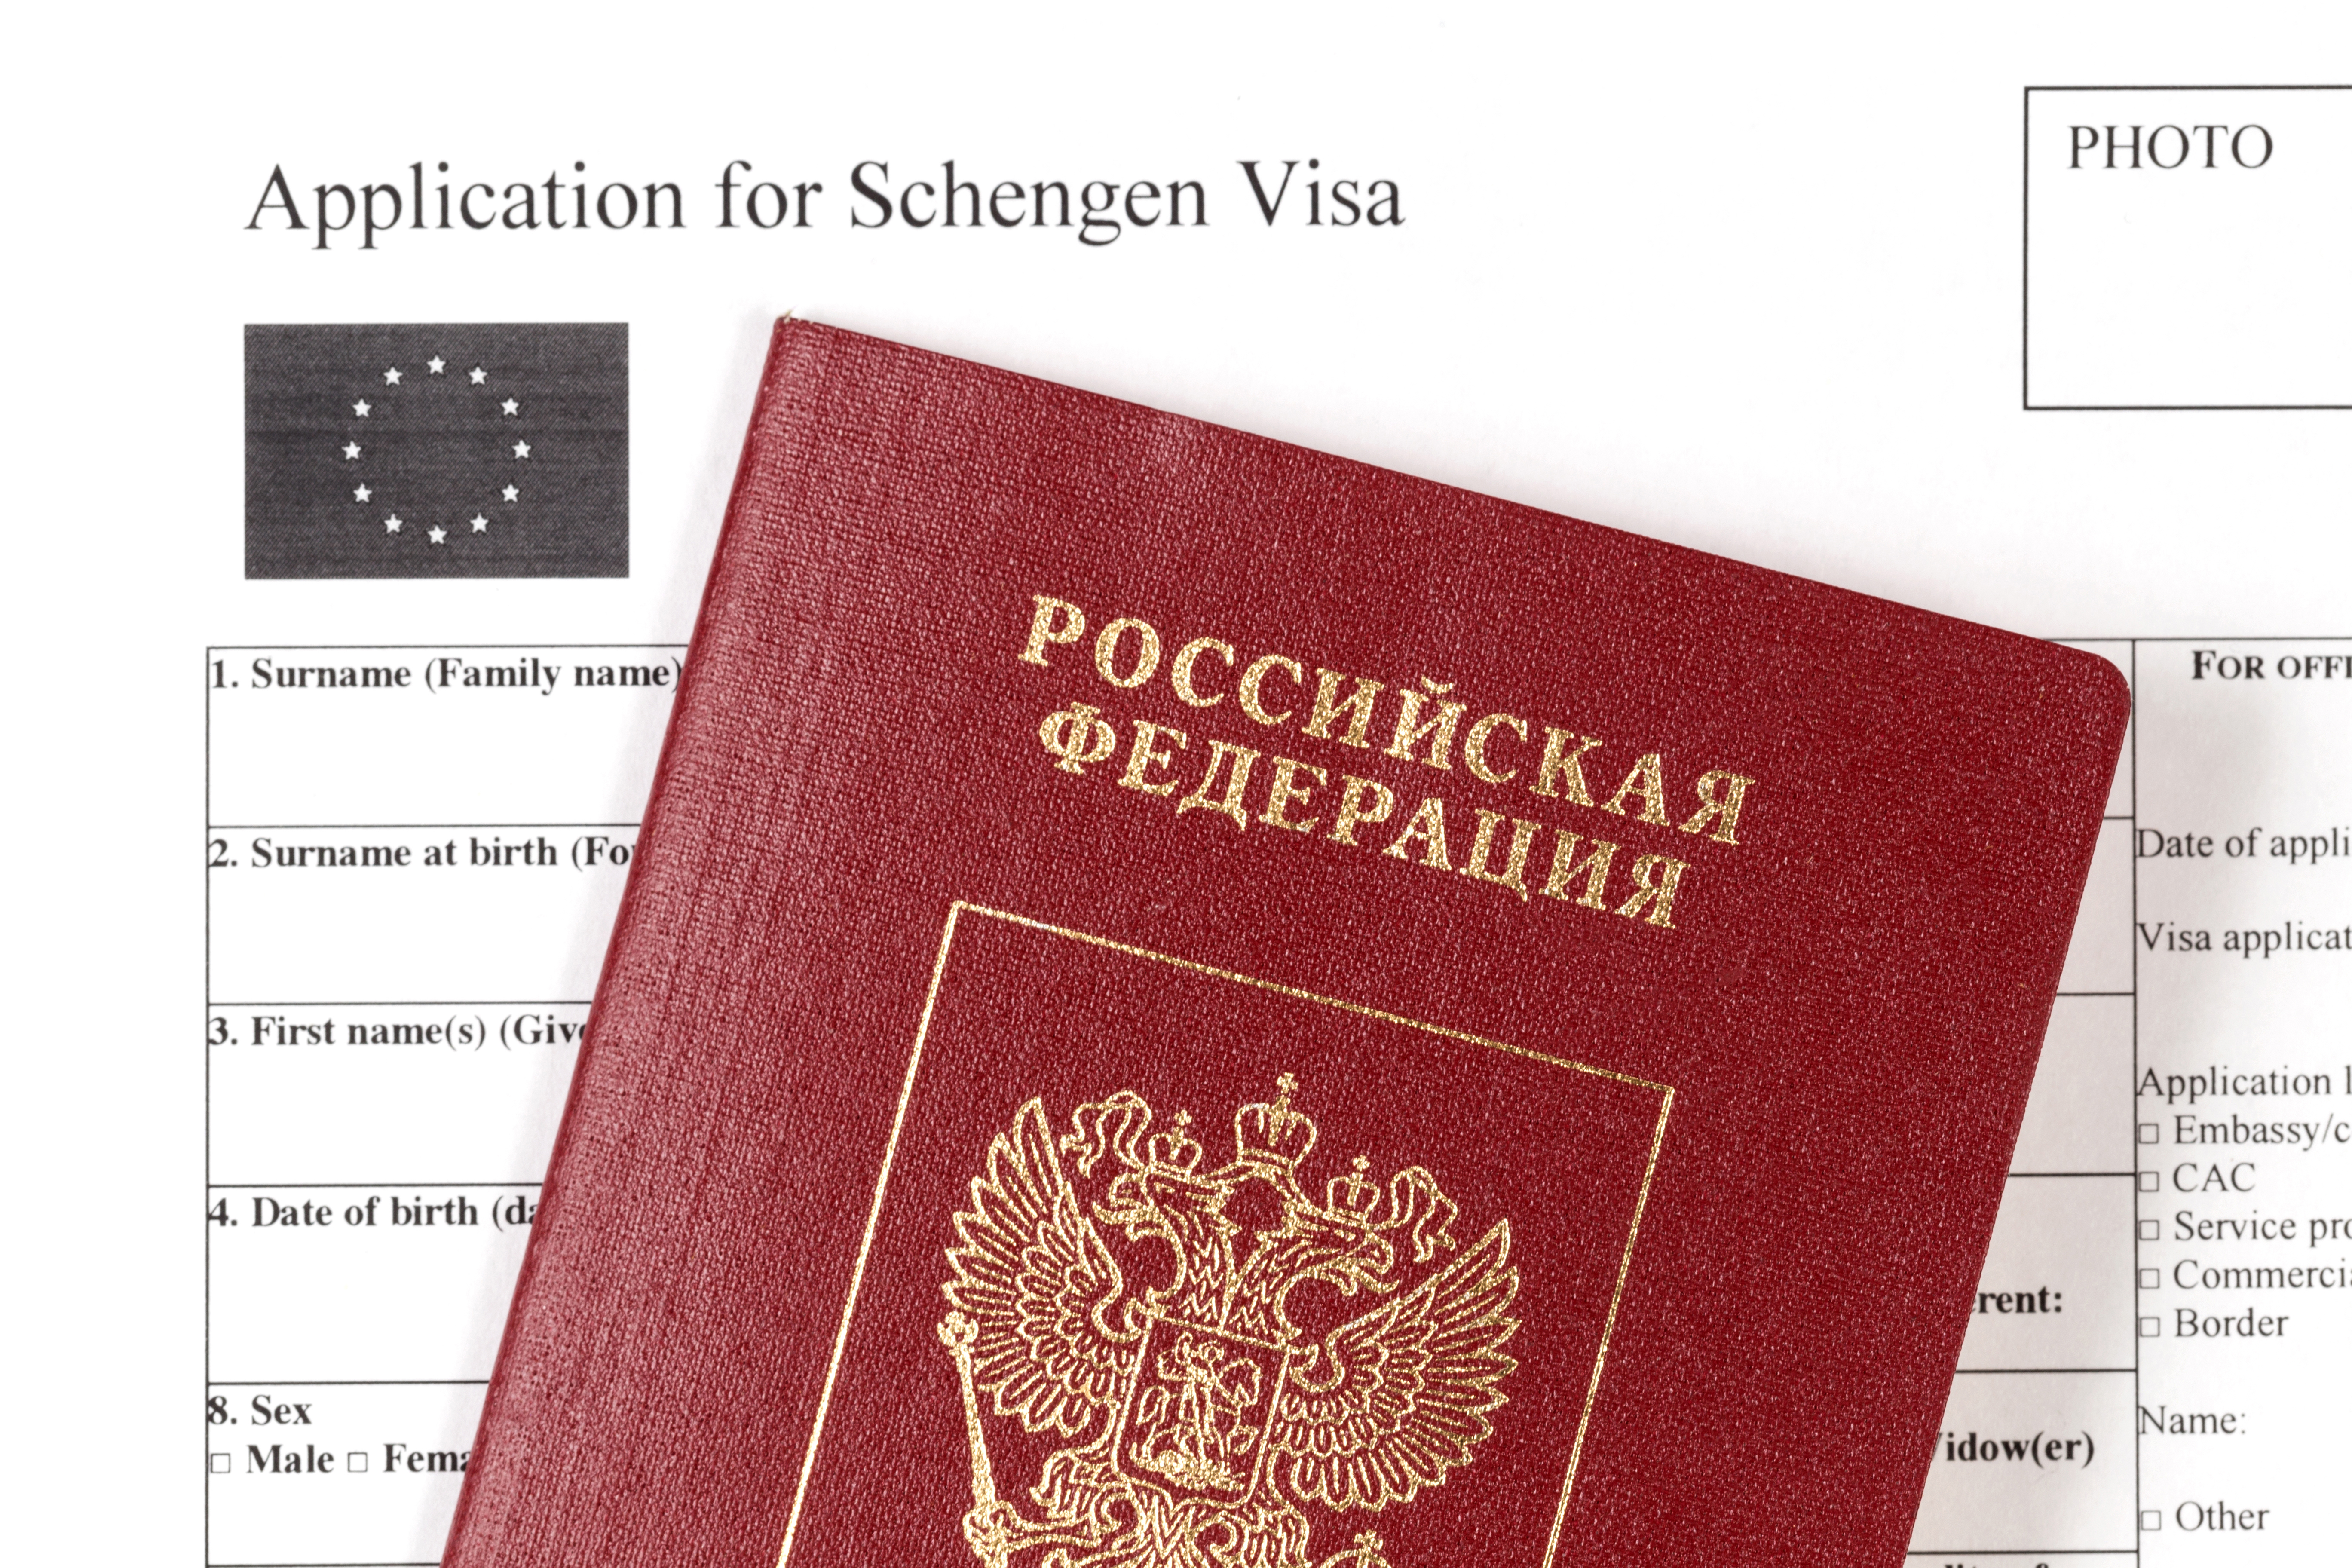 Шенгенская виза, которую можно самостоятельно получить в Санкт-Петербурге